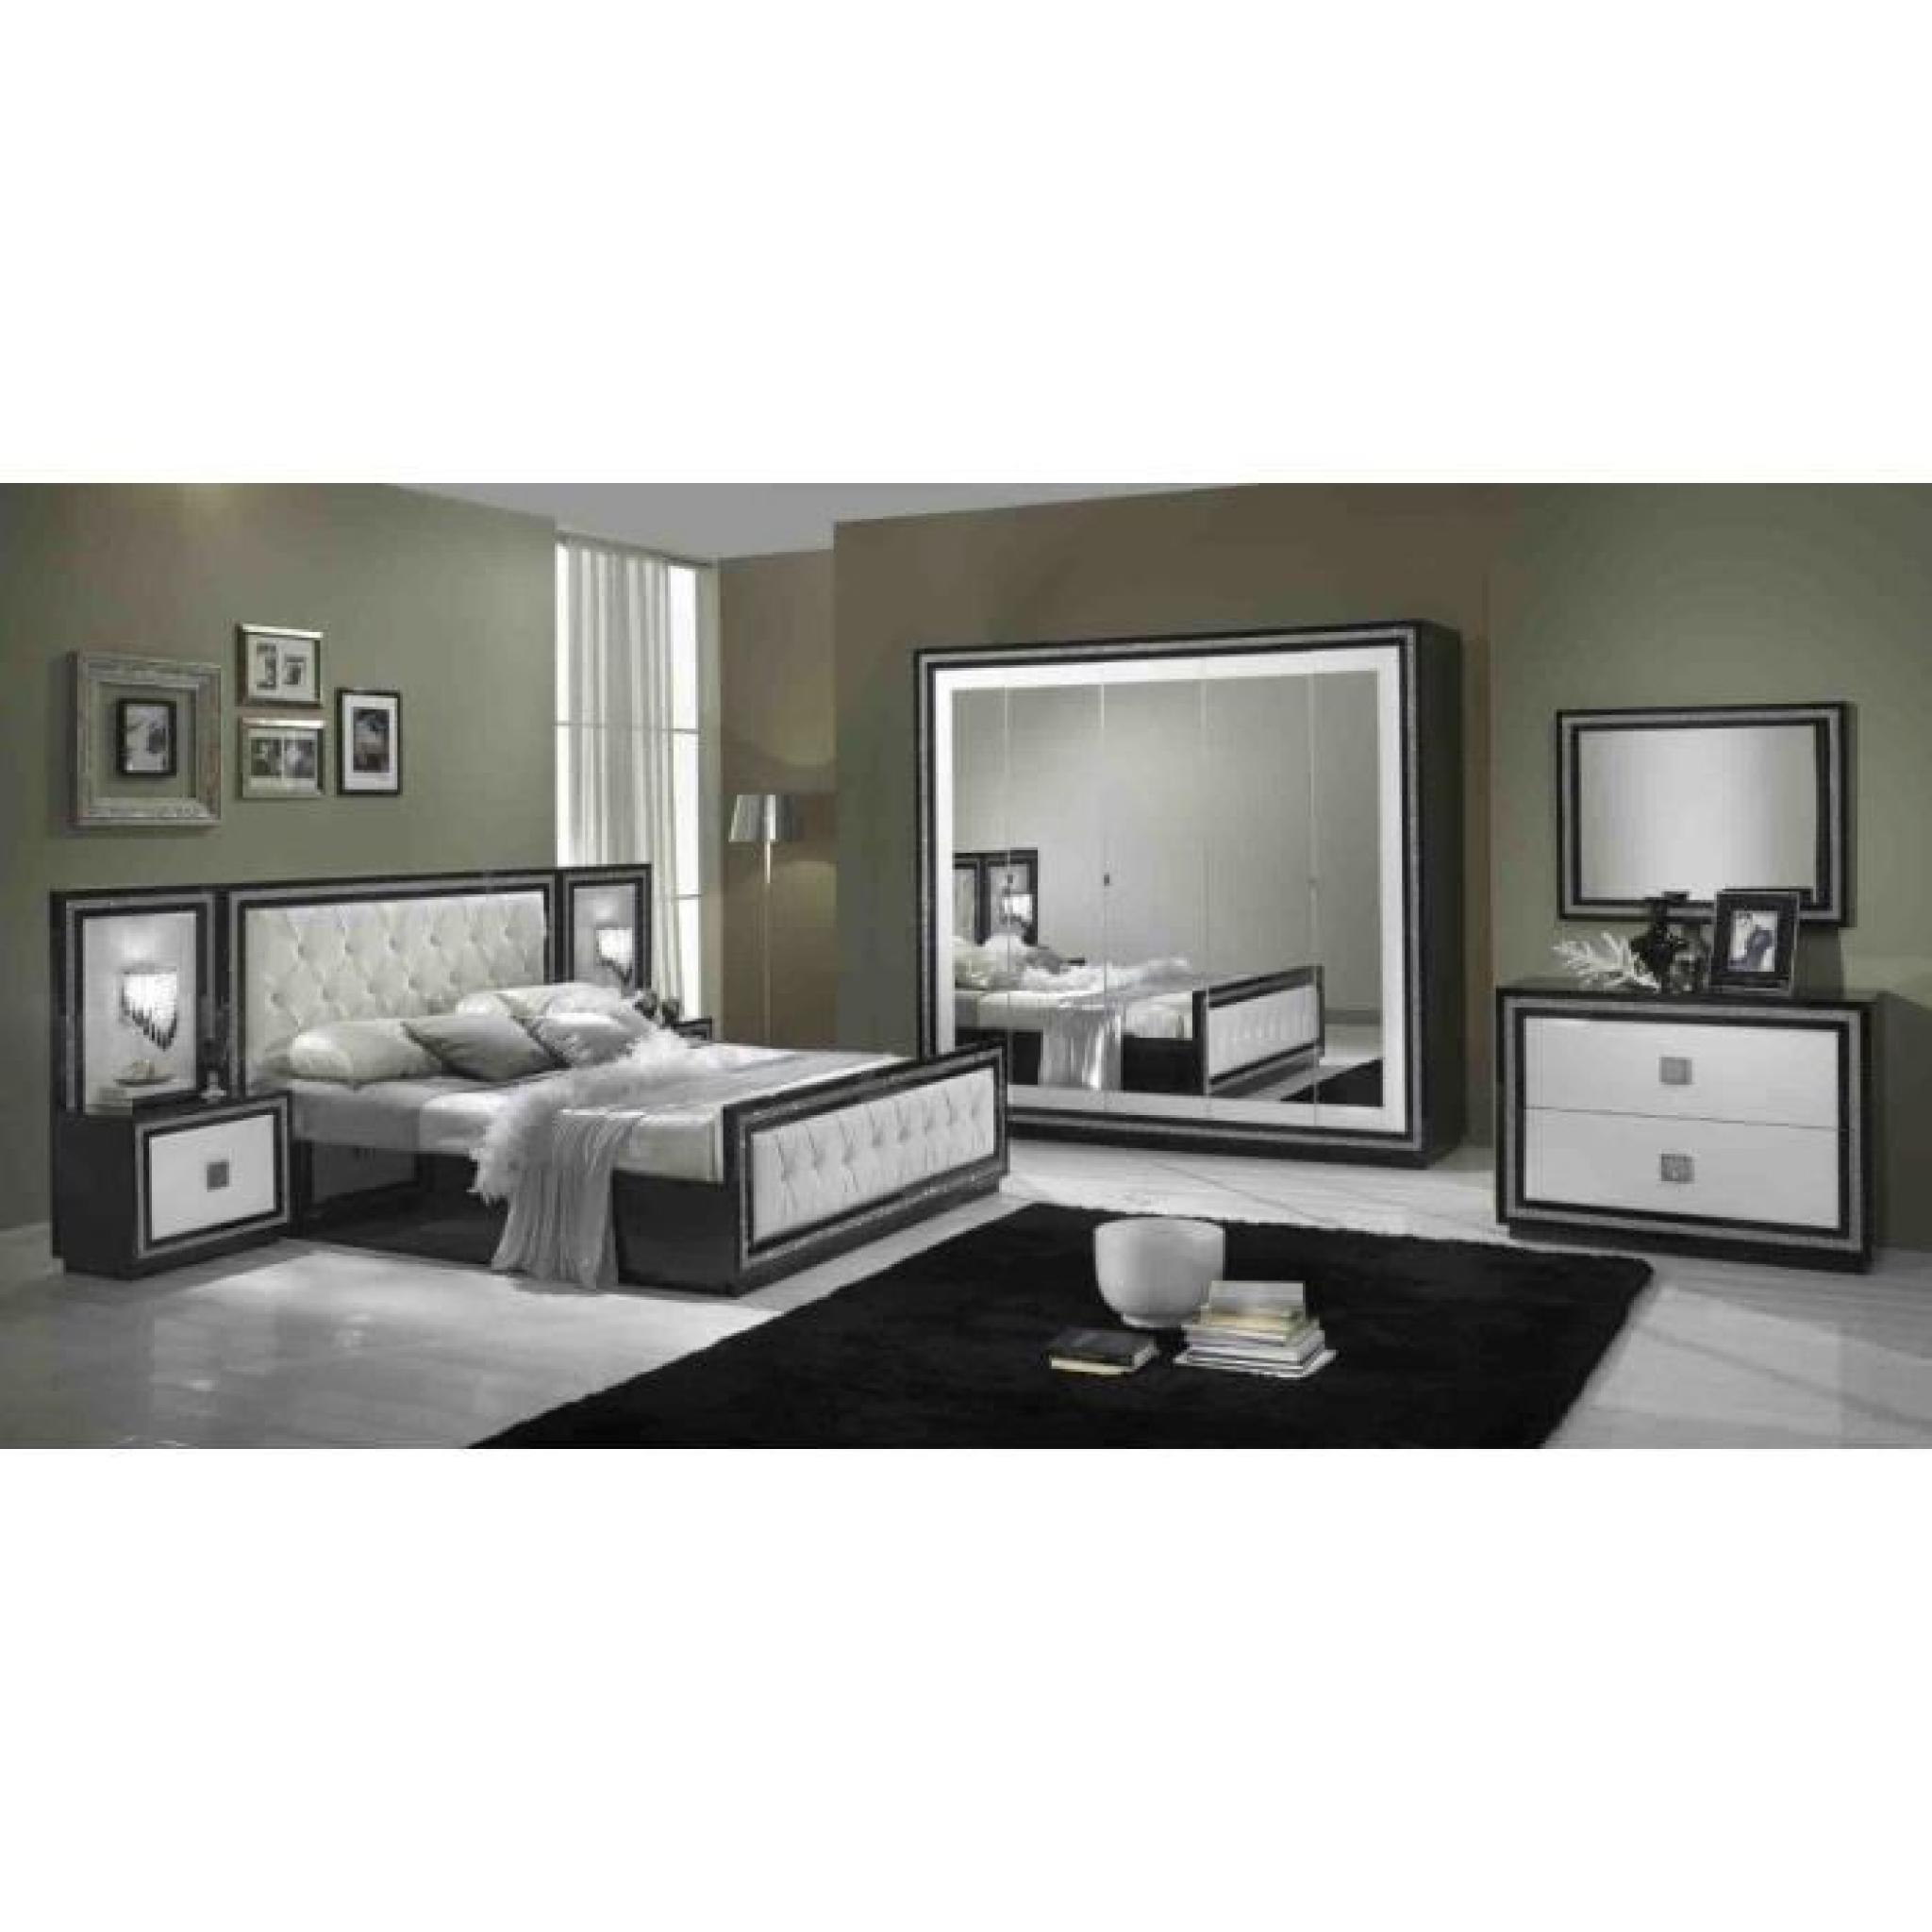 Kristel noire et blanche laquee ensemble chambre a coucher Chambre a coucher blanche complete